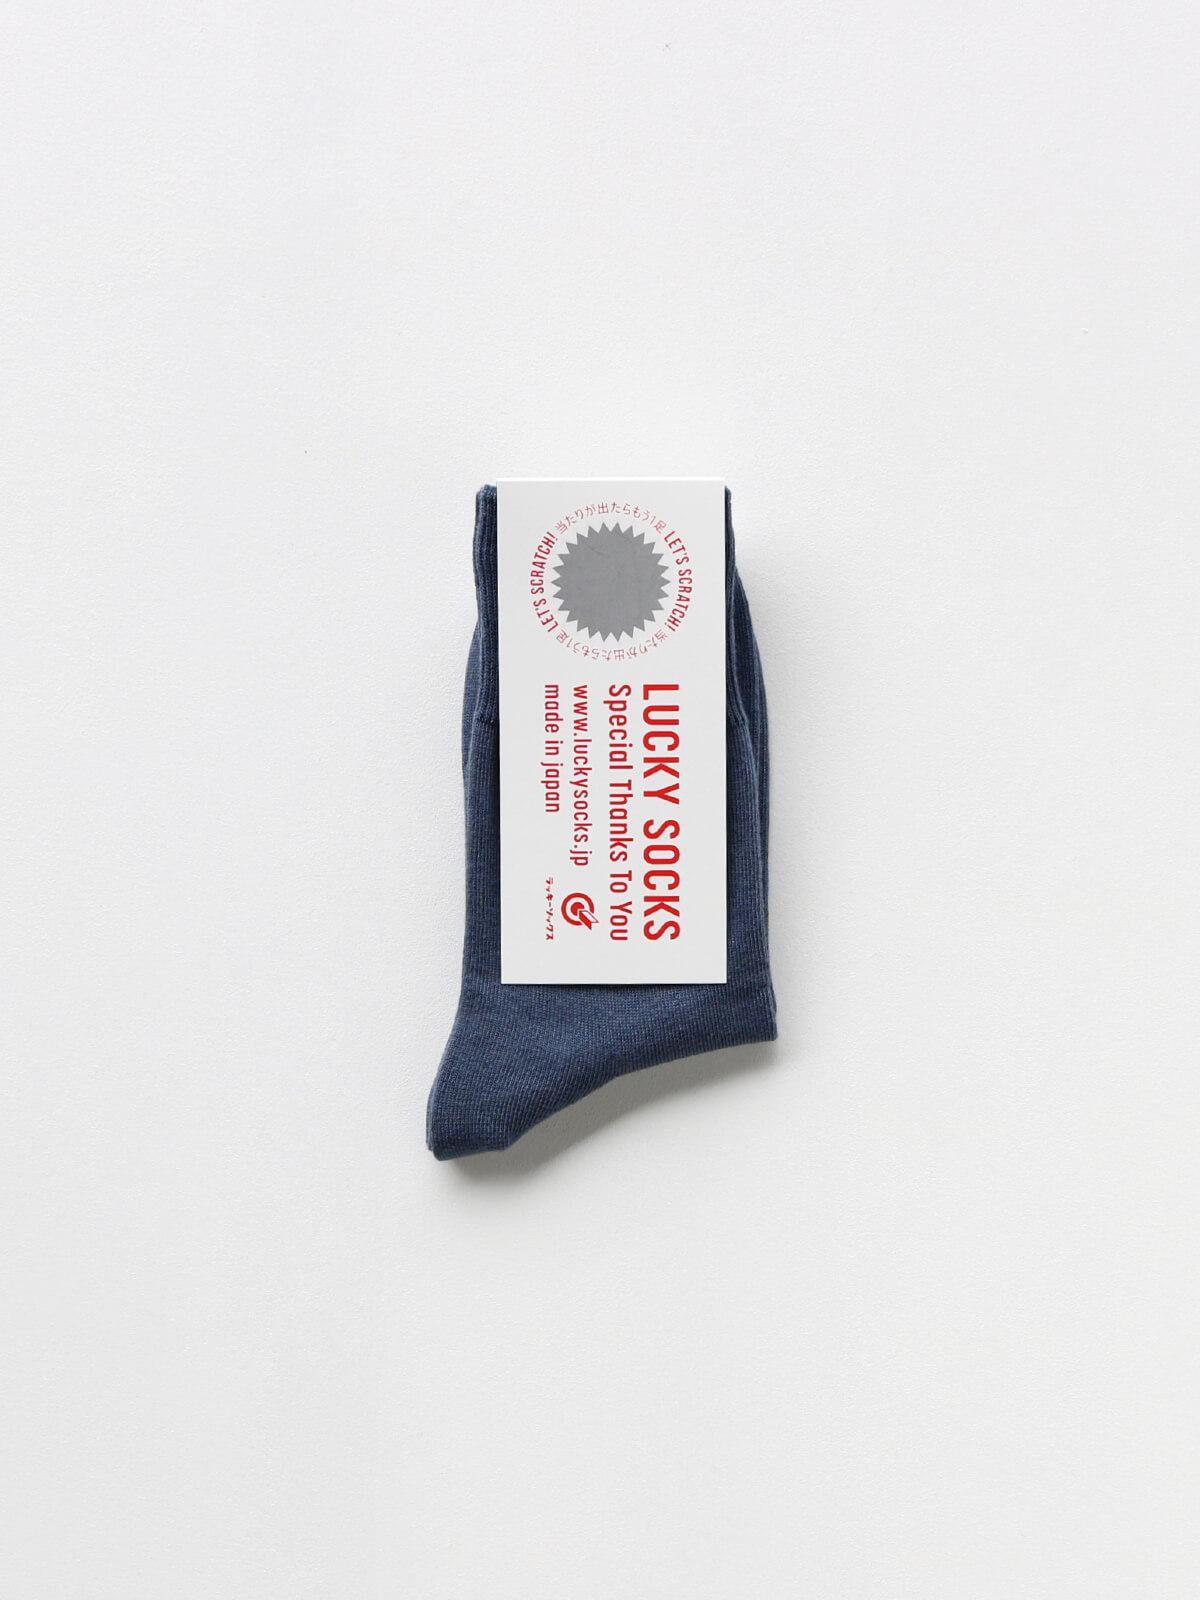 当たりつきギフト専用靴下のLUCKY SOCKS(ラッキーソックス)のLight Ankle Socks(ライトアンクルソックス)のインディゴ_1